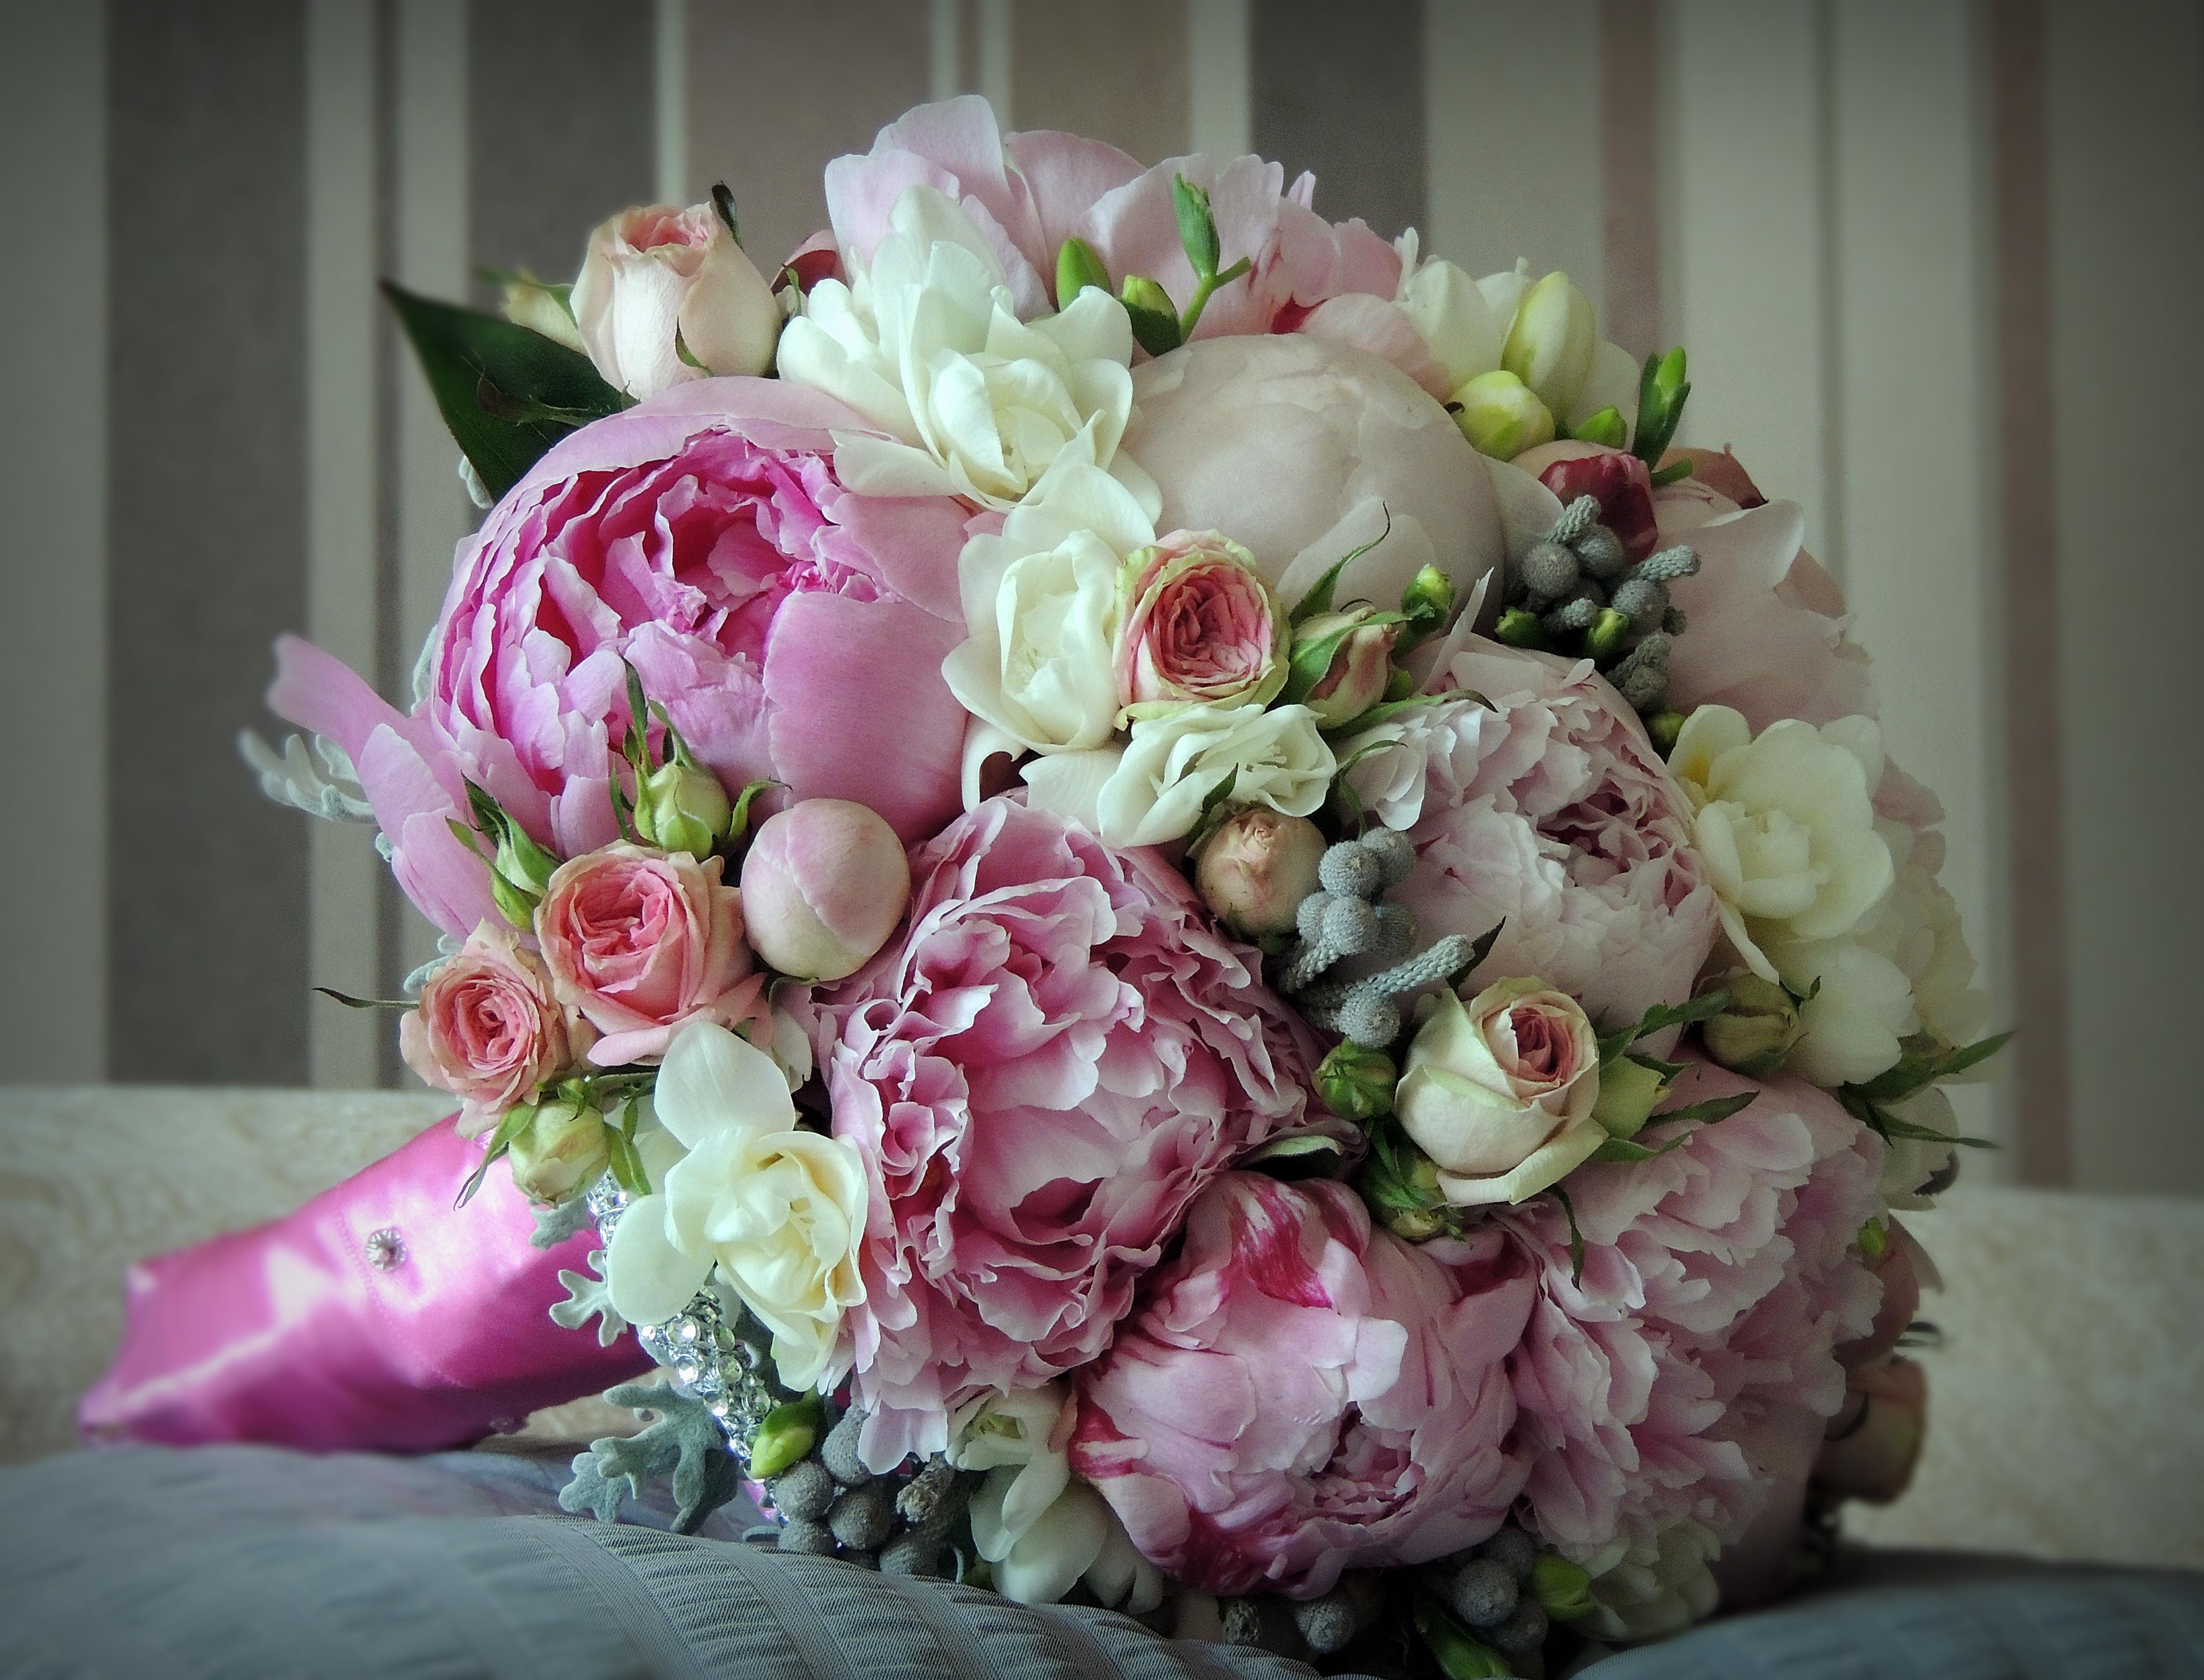 La sposa the bride - 2 2